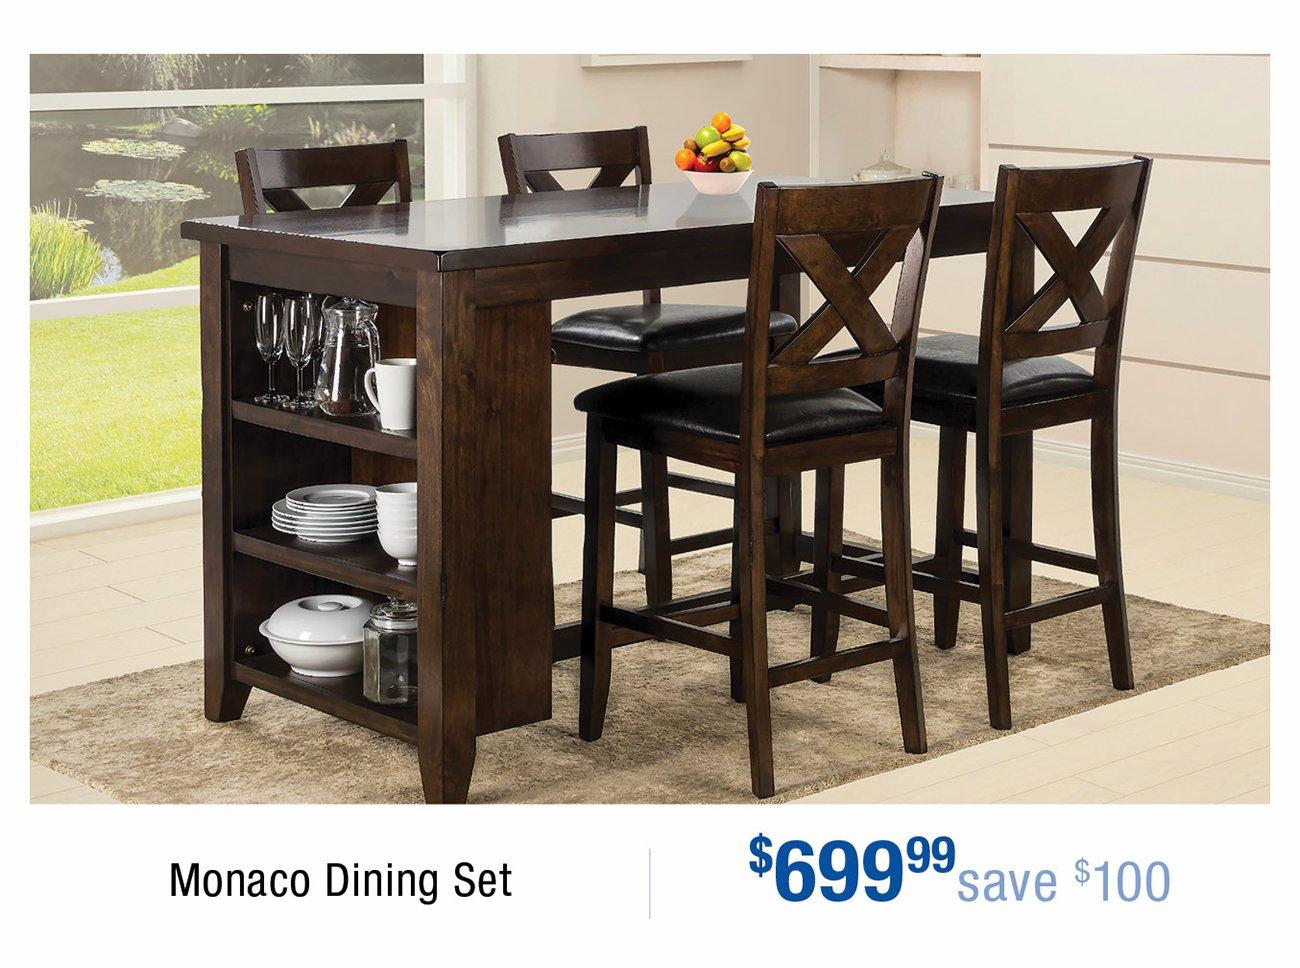 Monaco-dining-set